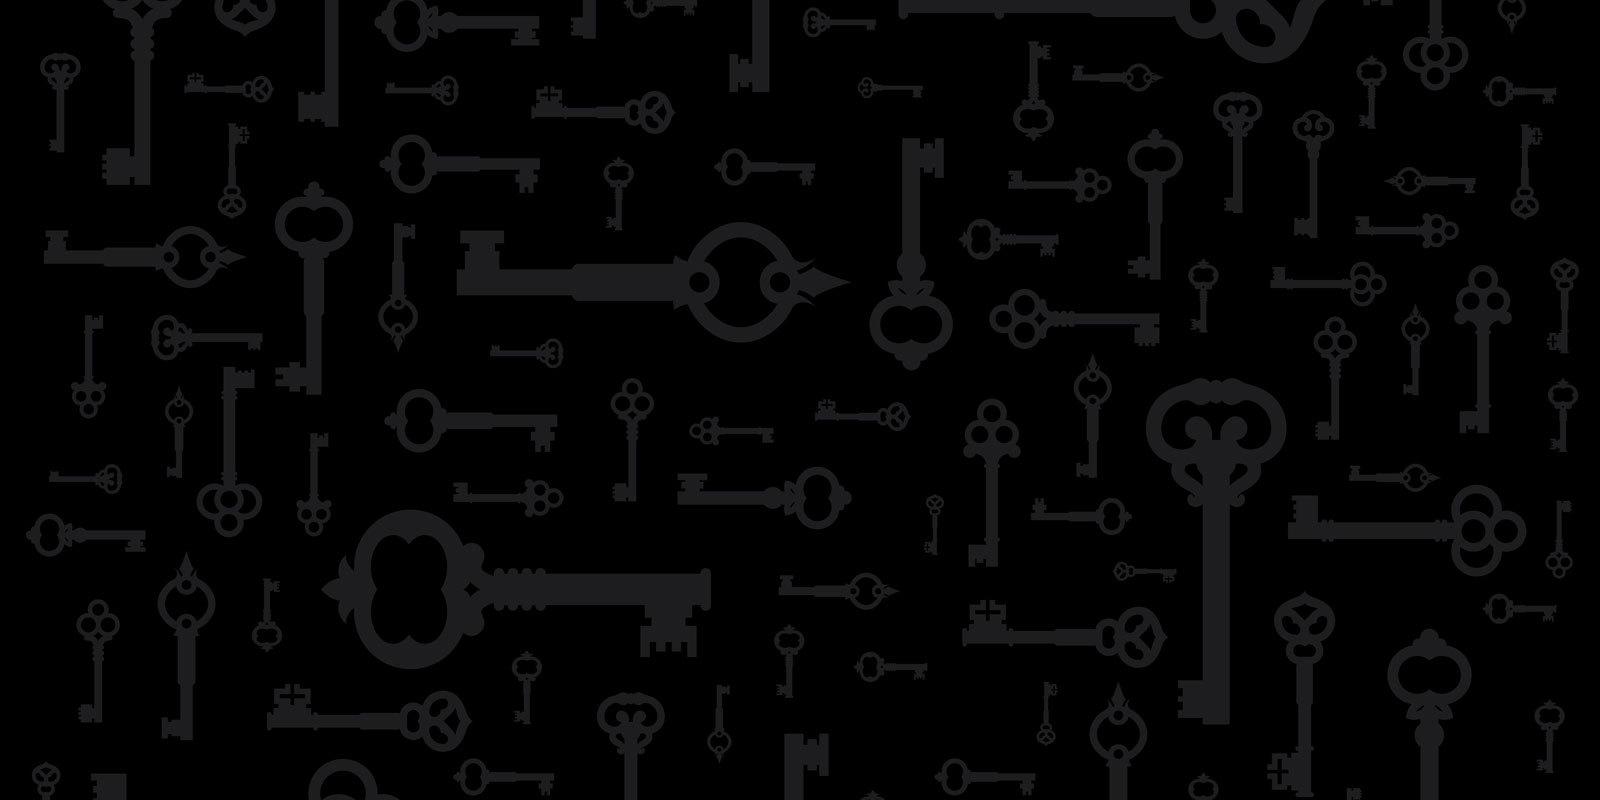 houdini-key-bg-2